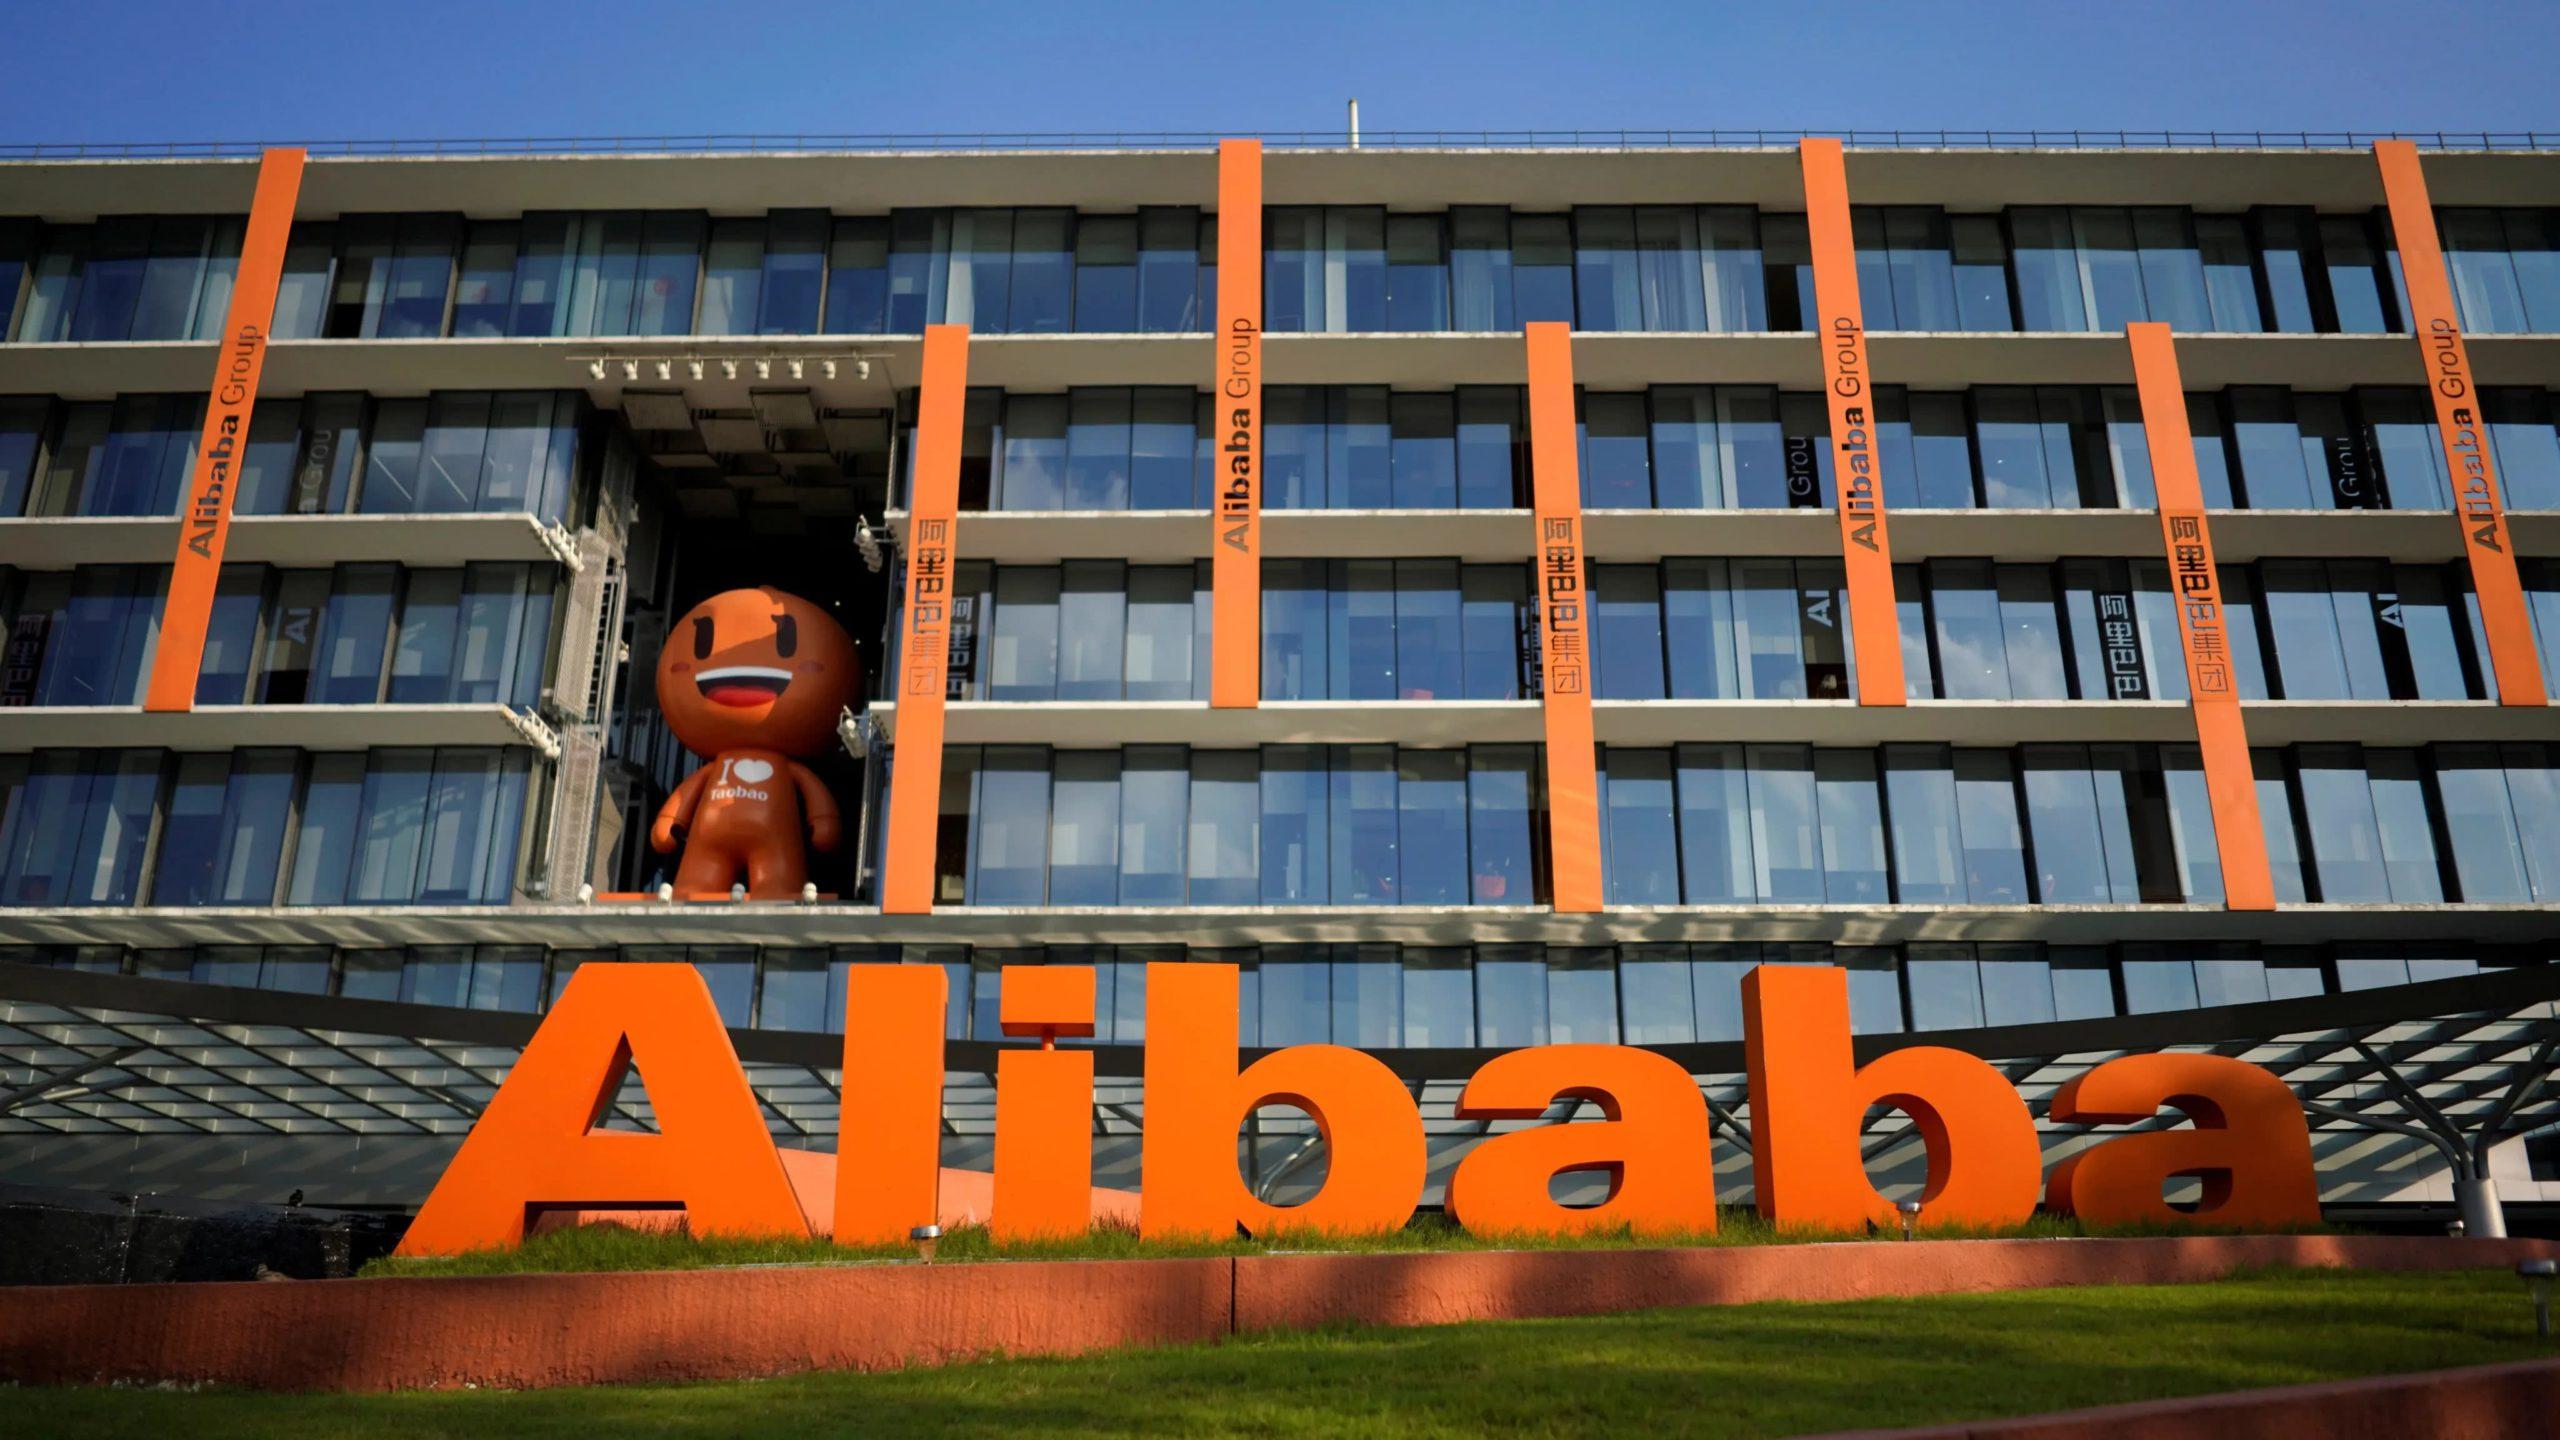 अलिबाबालाई सबैभन्दा ठूलो जरिमाना गर्दै चीन सरकार